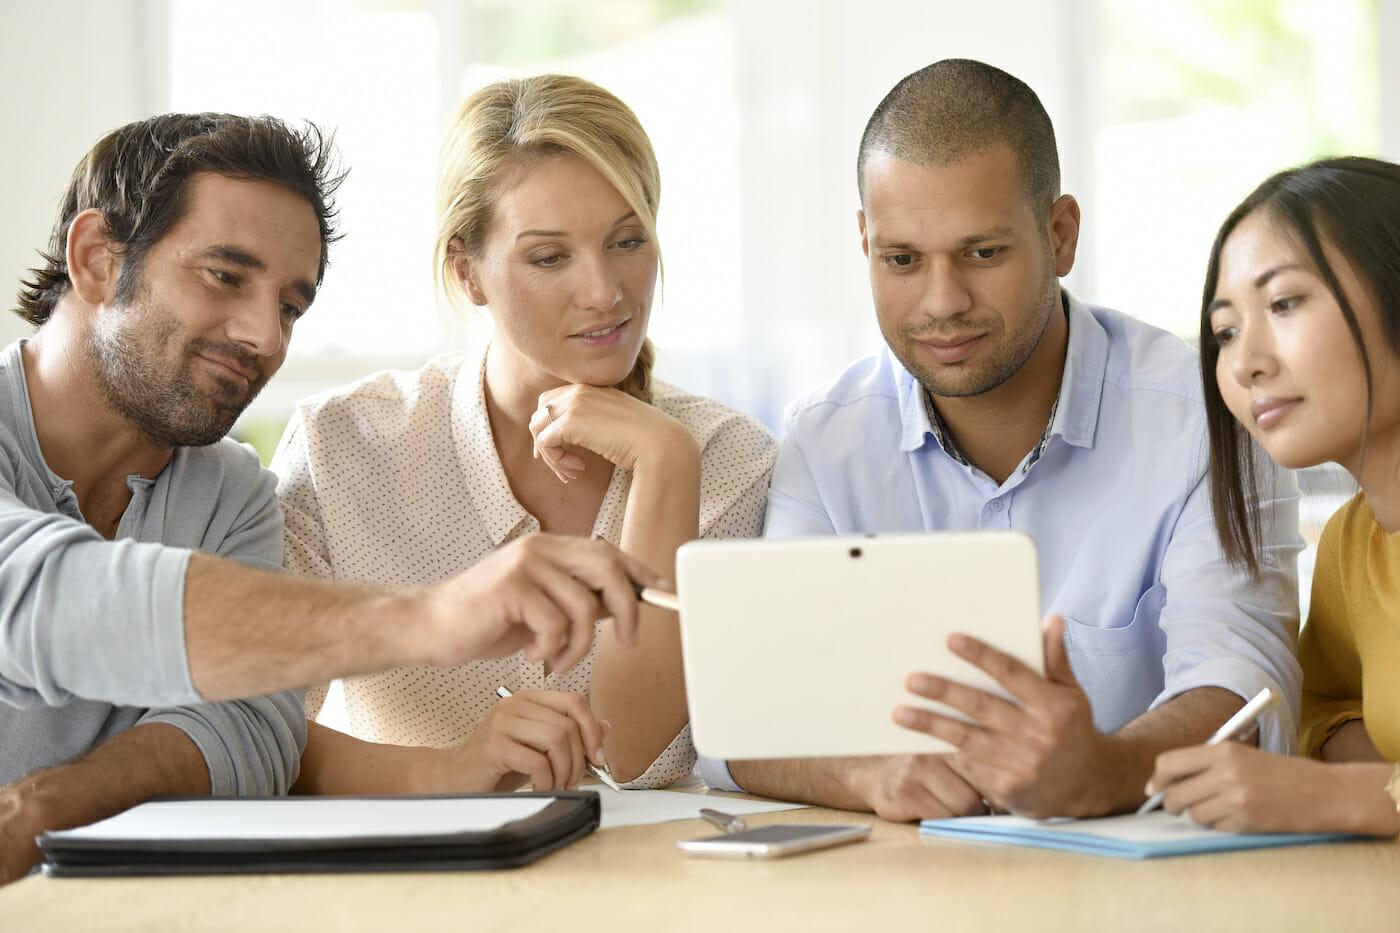 team looking at website